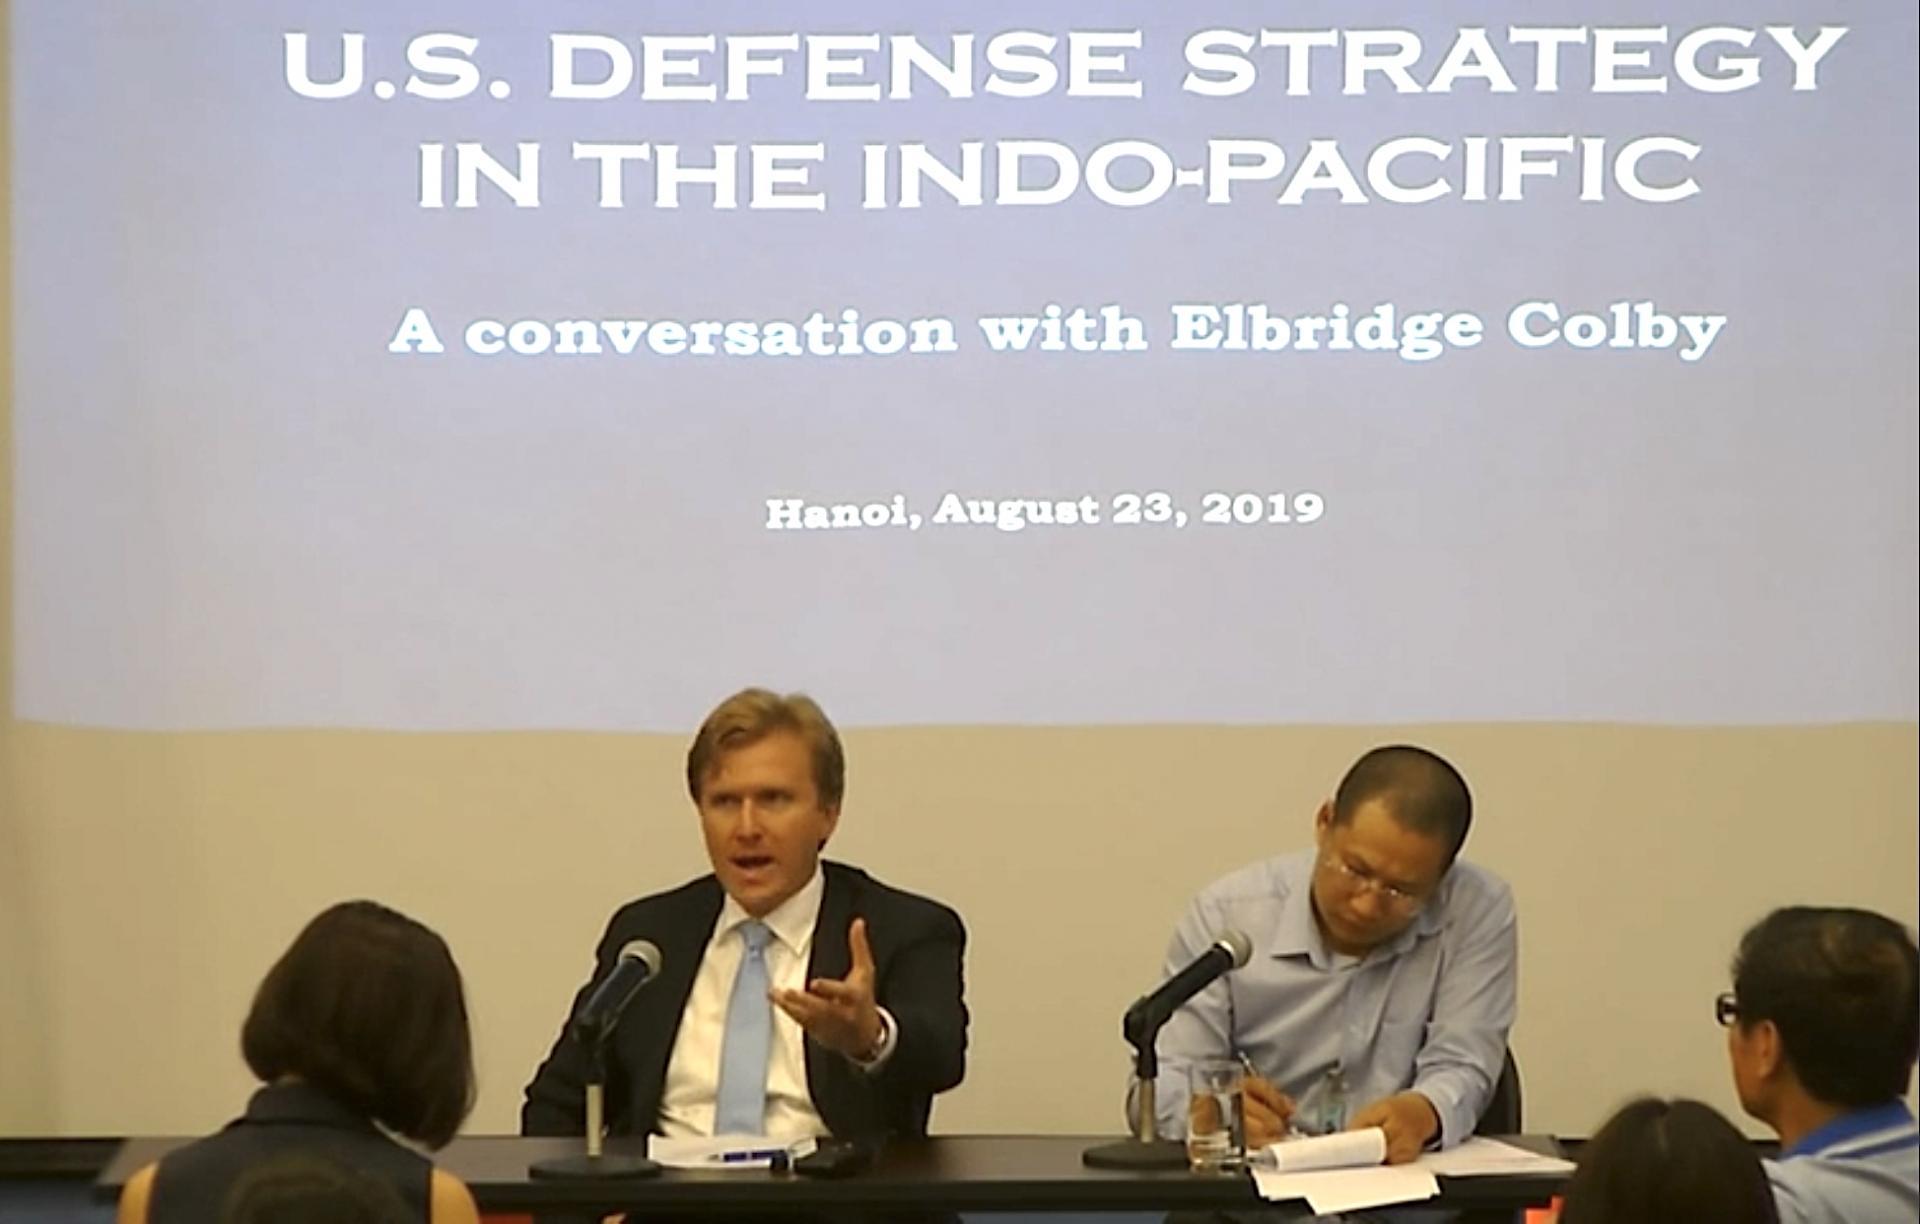 Nguyên Phó Trợ lý Bộ trưởng Quốc phòng Mỹ: Trung Quốc lộ rõ tham vọng bá quyền